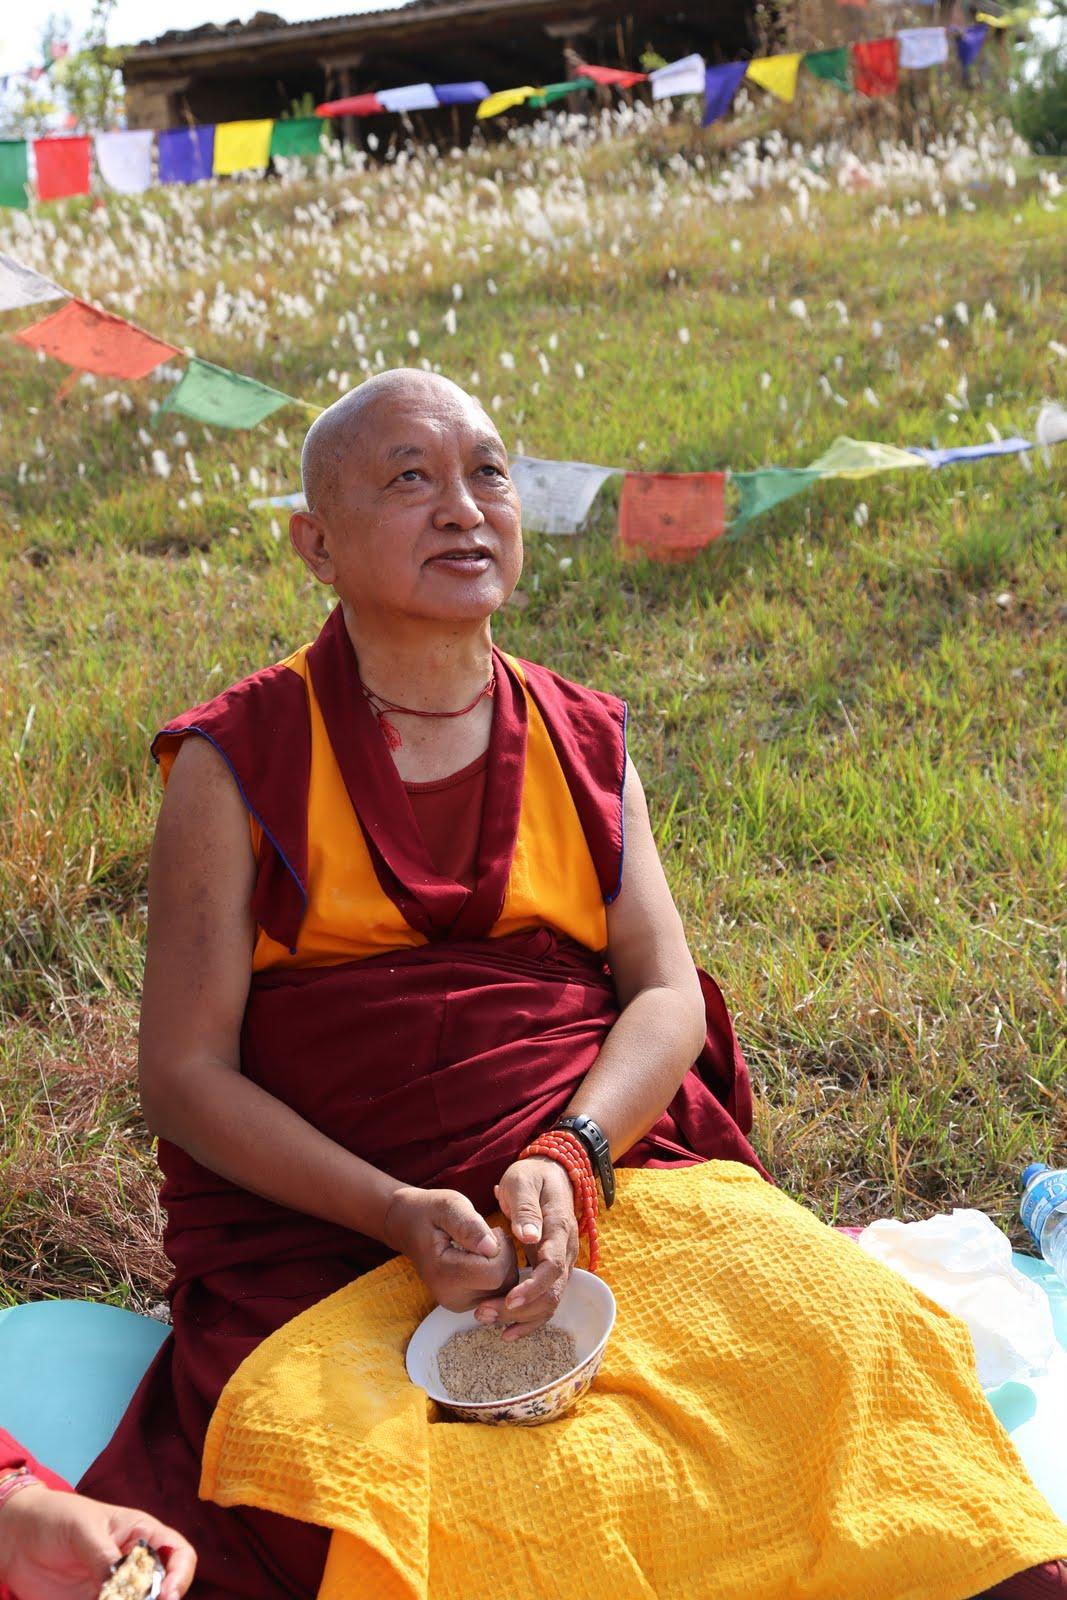 Rinpocheeatingpuk(tsampa)3hoursroughdriveaboveNamoBuddhahighaboveKathmandu whereGuruRinpocheissaidtohavesubduedspirits.Photo by Ven.ThubtenKunsangMay7, 2013.